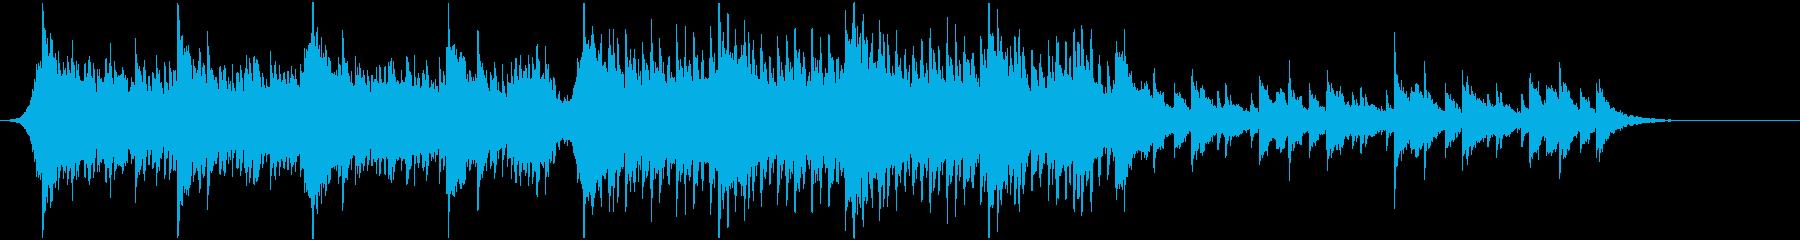 アコースティック系 切ない四つ打ちEDMの再生済みの波形